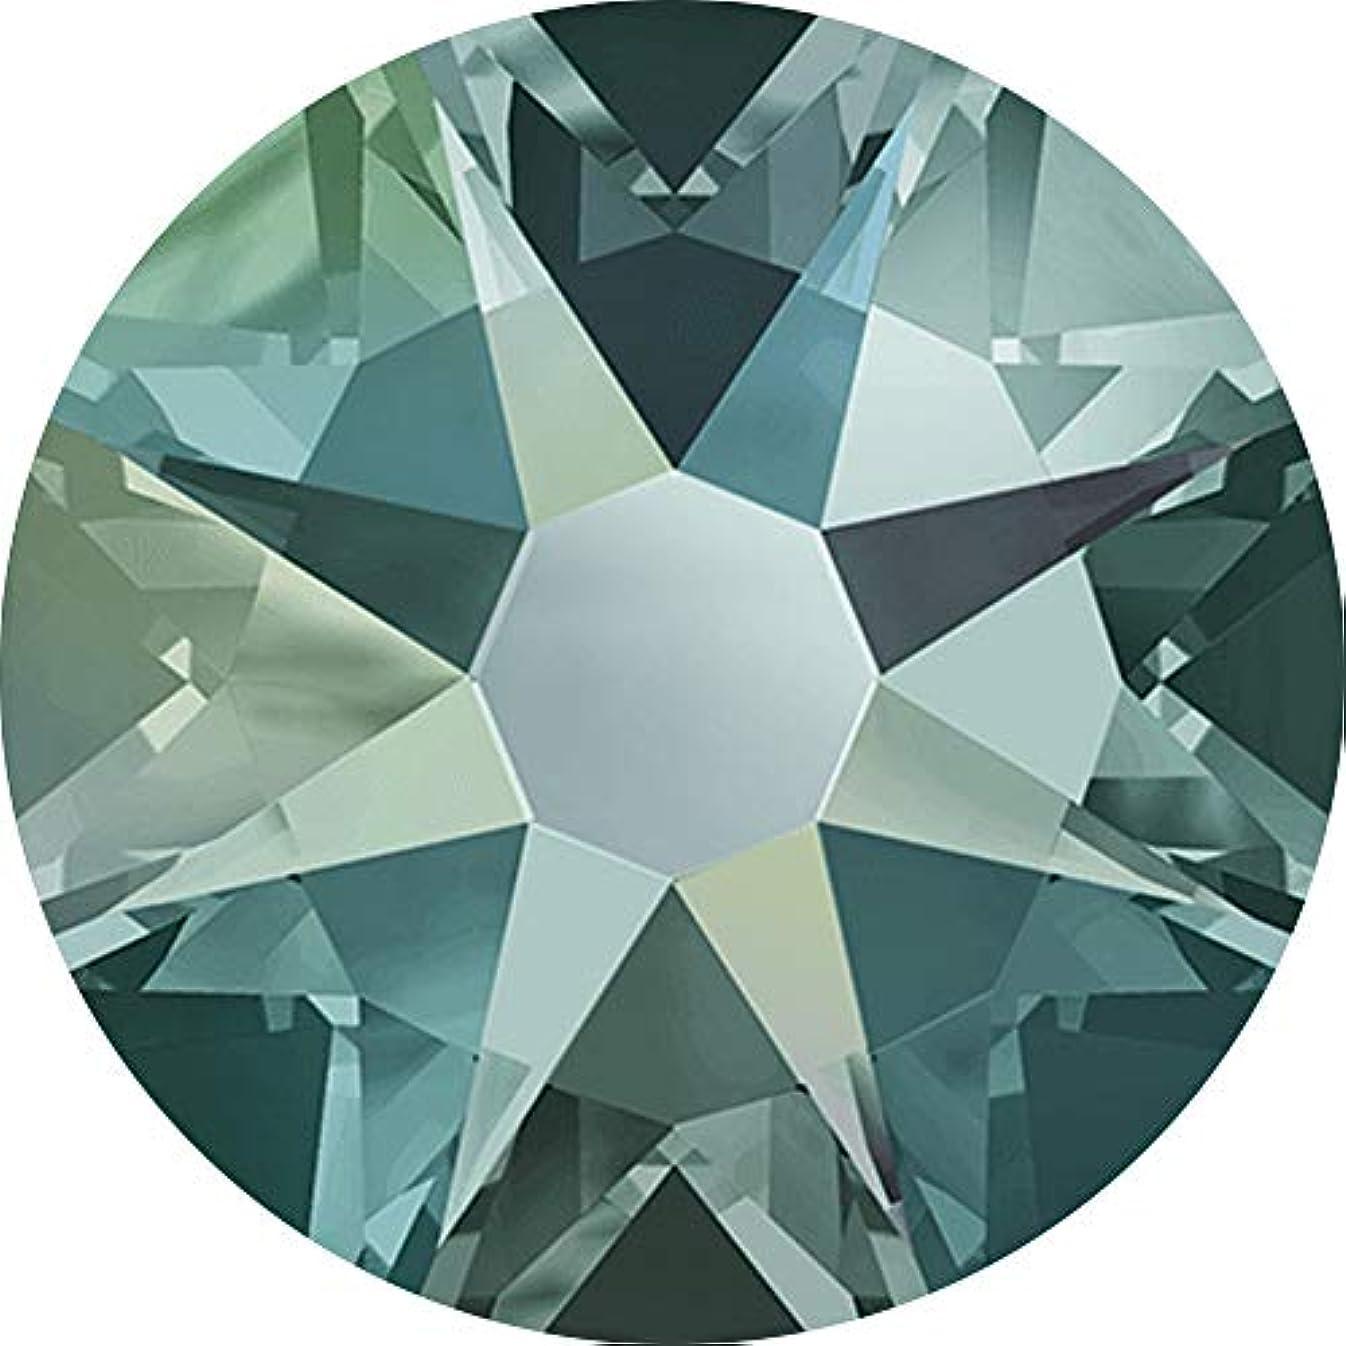 痴漢ますますカバーSWAROVSKI ブラックダイヤモンドシマー SS20(4.6~4.8mm) 12P